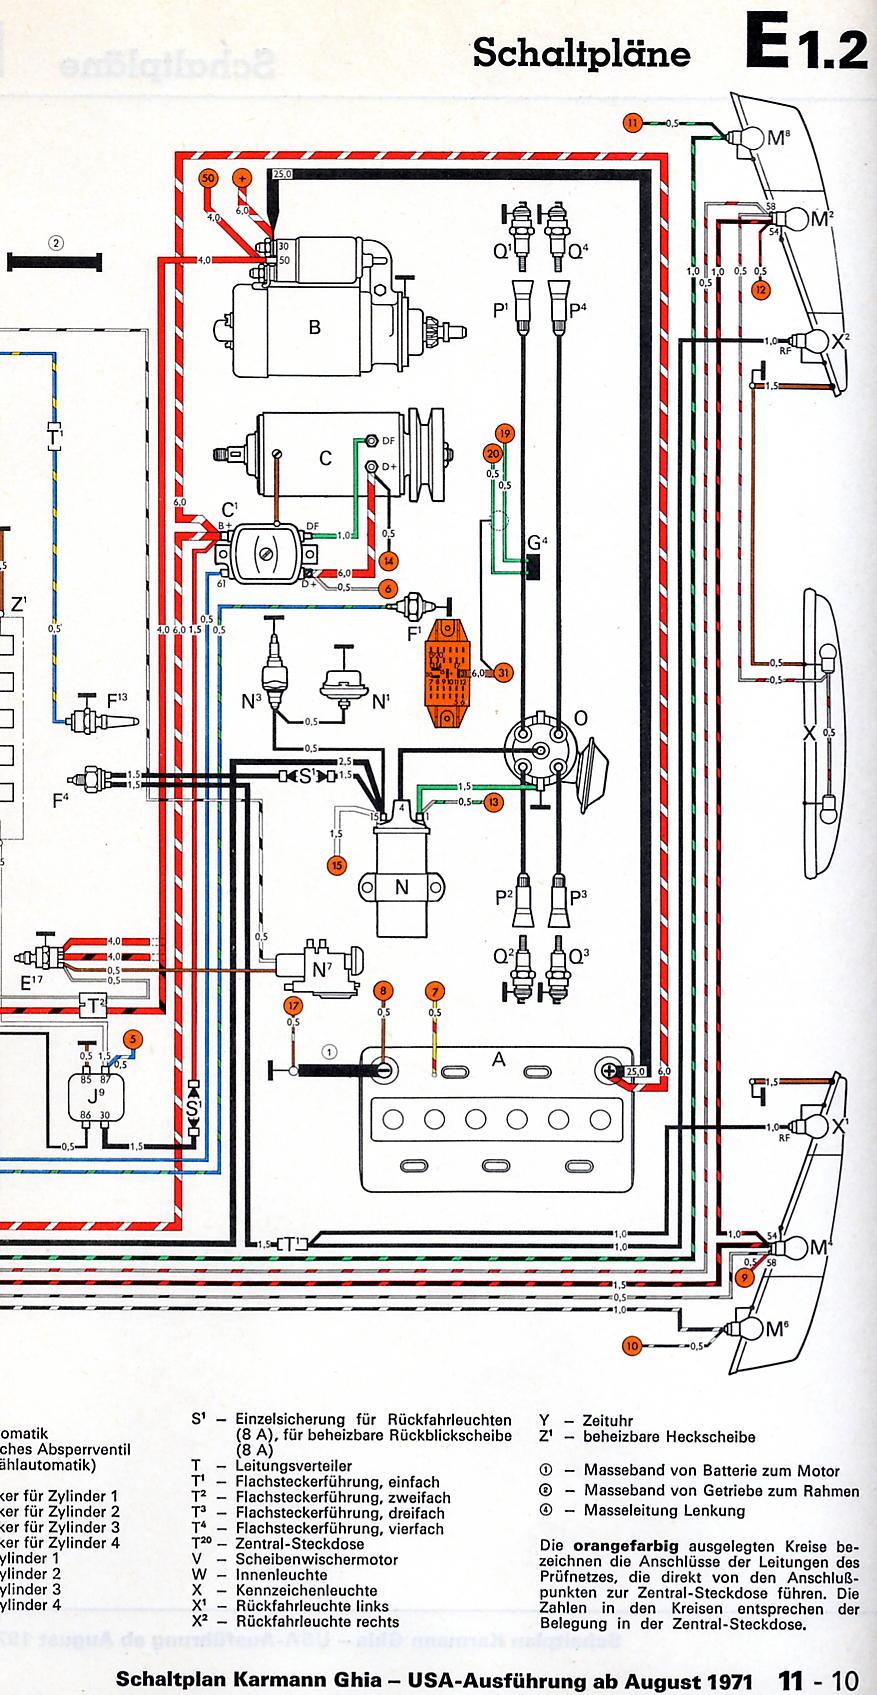 Niedlich 1972 Vw Käfer Schaltplan Ideen - Elektrische Schaltplan ...